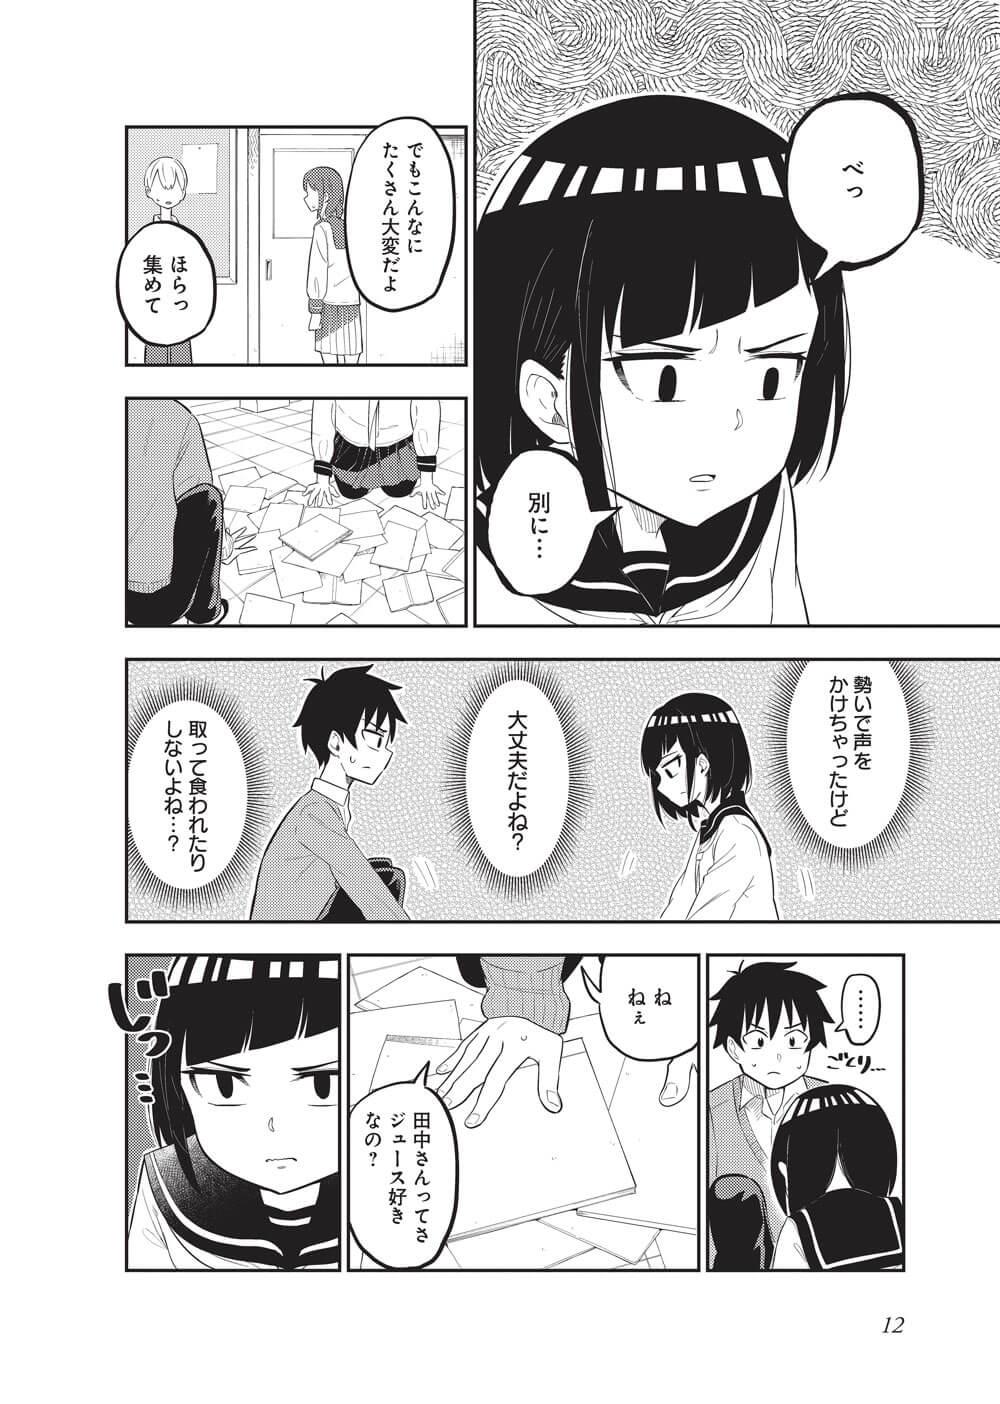 クラスメイトの田中さんはすごく怖い-1-10